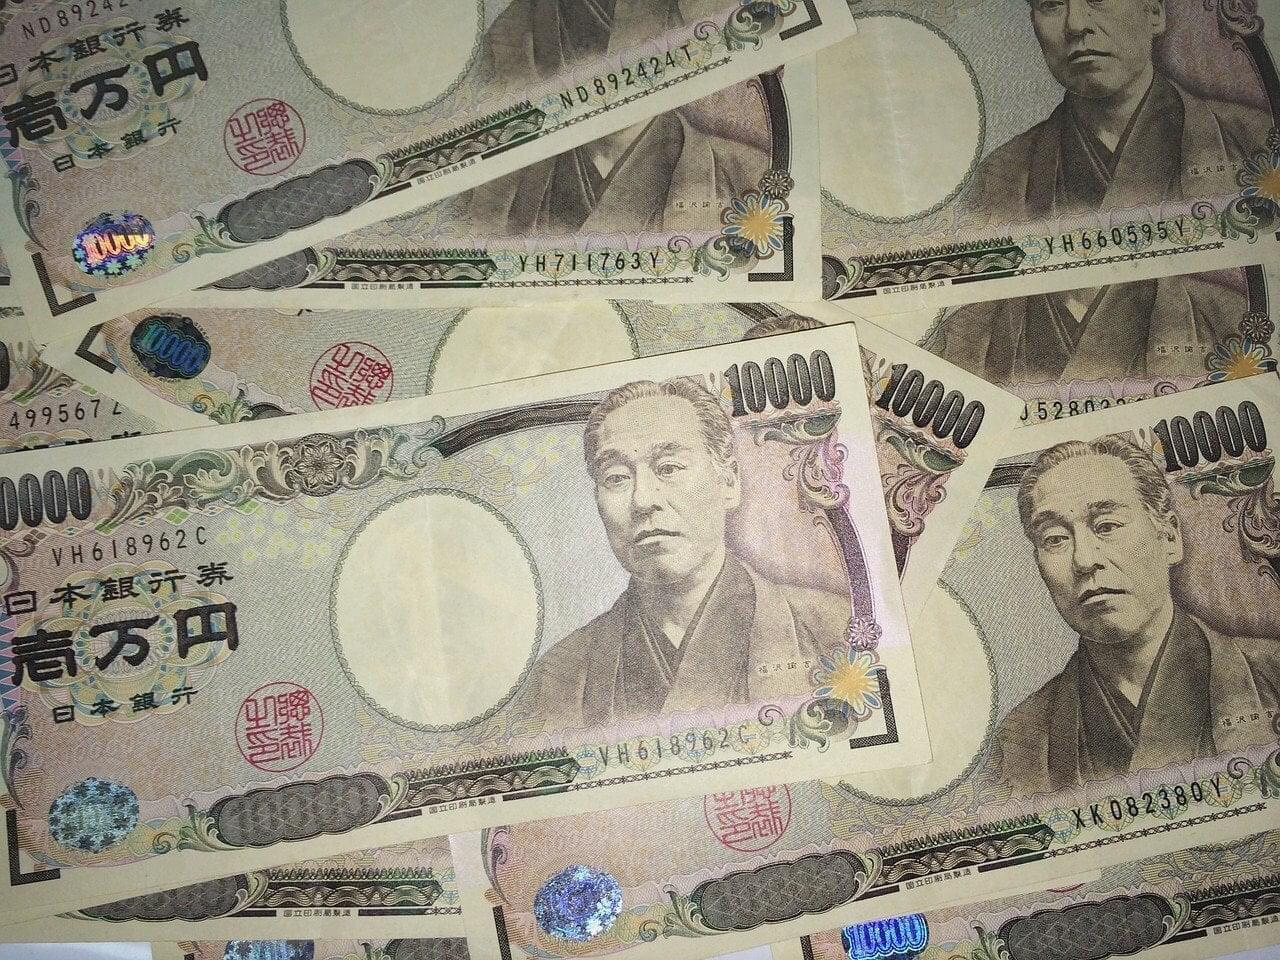 外為取引高に続き、日本とアジアへの資金流入動向を分析した日銀の意図